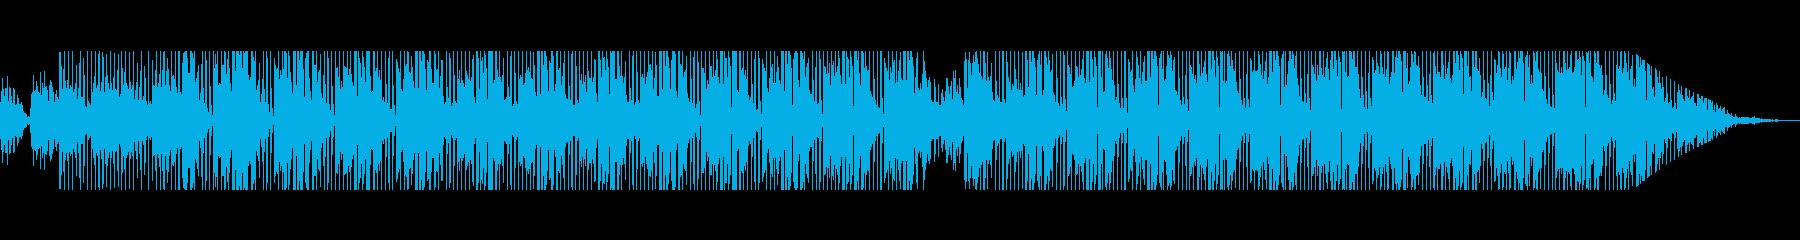 浮遊感のあるチルウェイブディスコビートの再生済みの波形